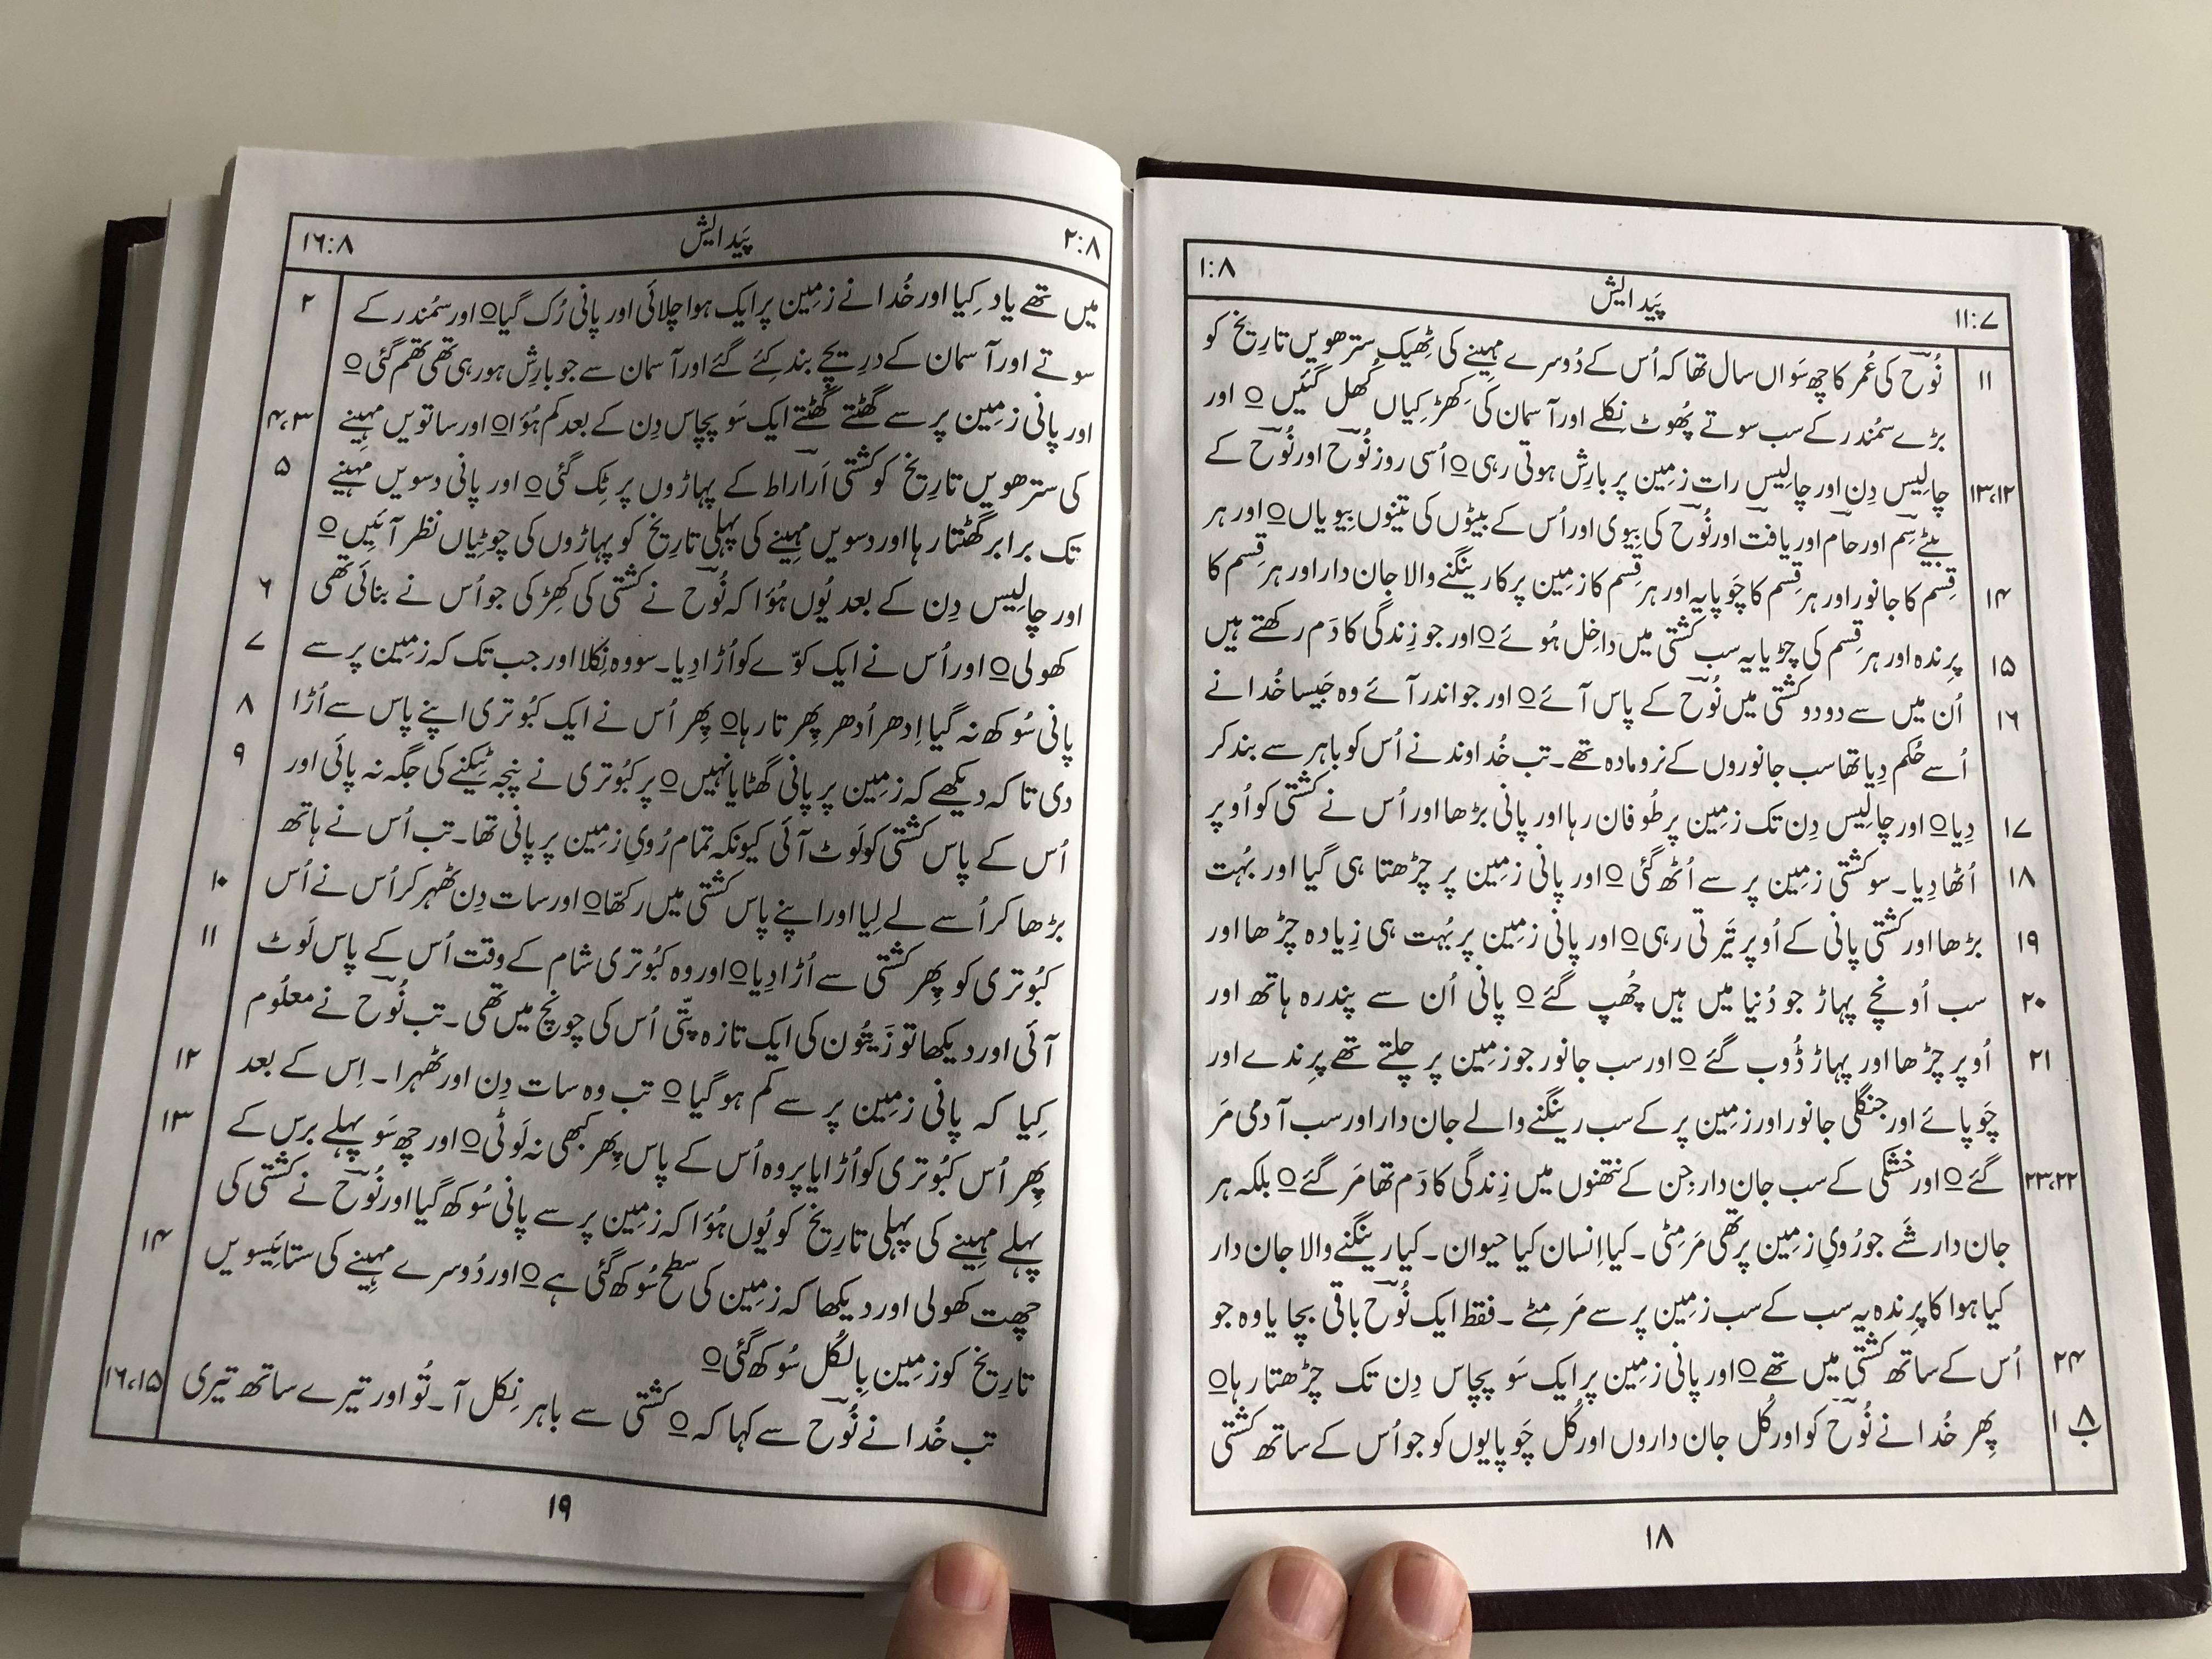 pentateuch-in-urdu-language-urdu-torah-hardcover-2018-pakistan-bible-society-3-.jpg